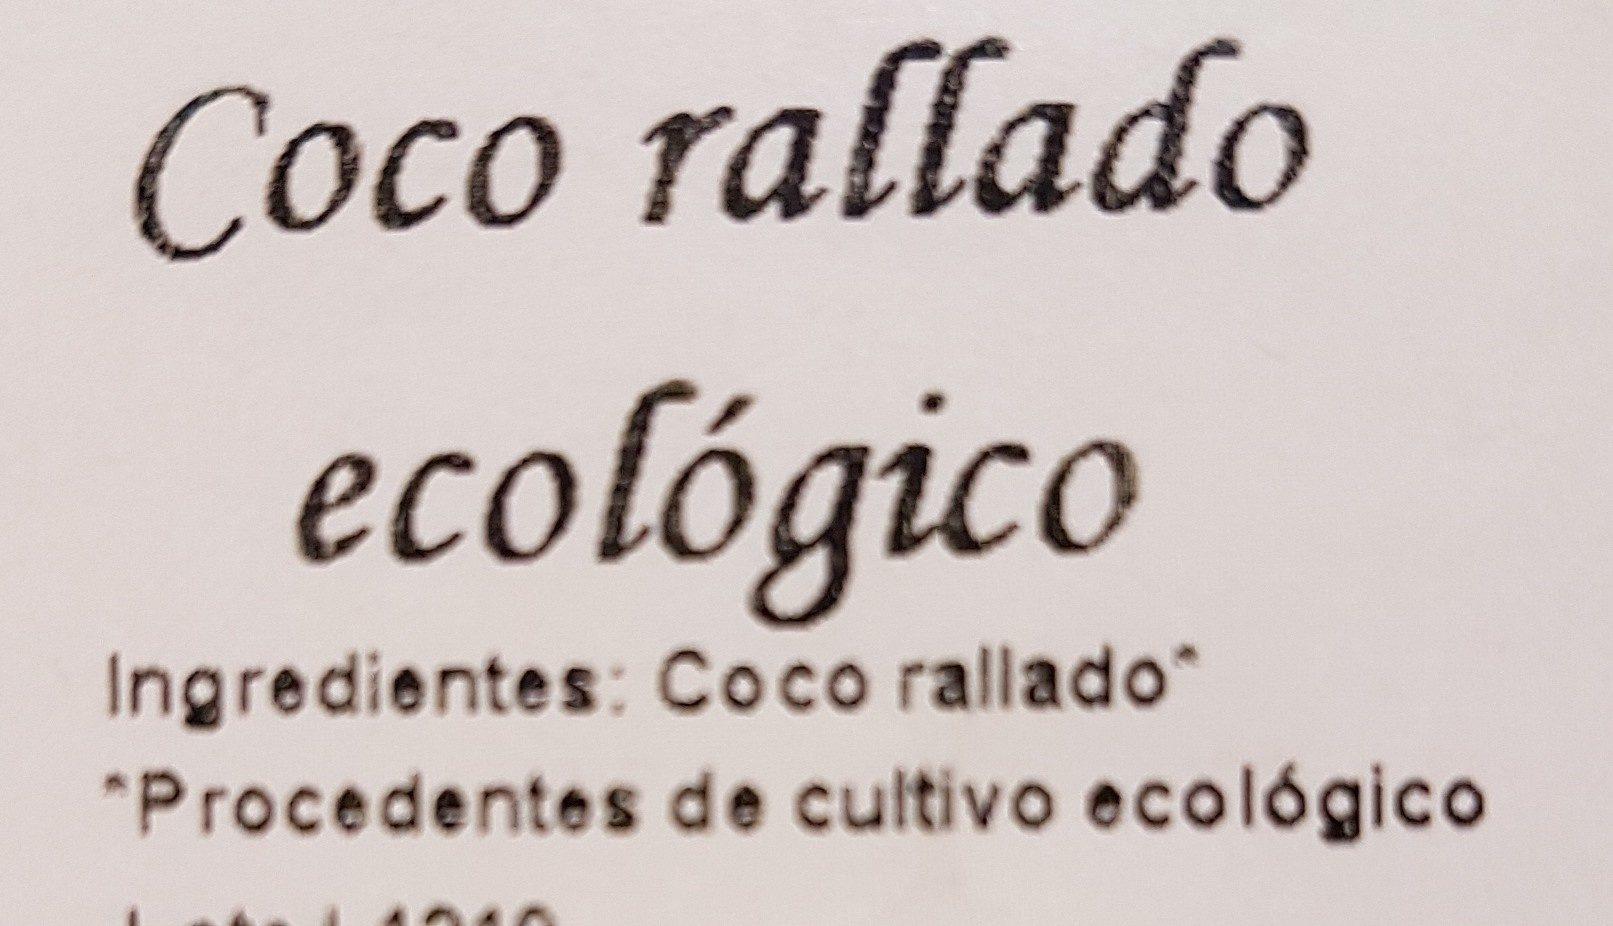 Coco rallado ecológico - Ingredients - es